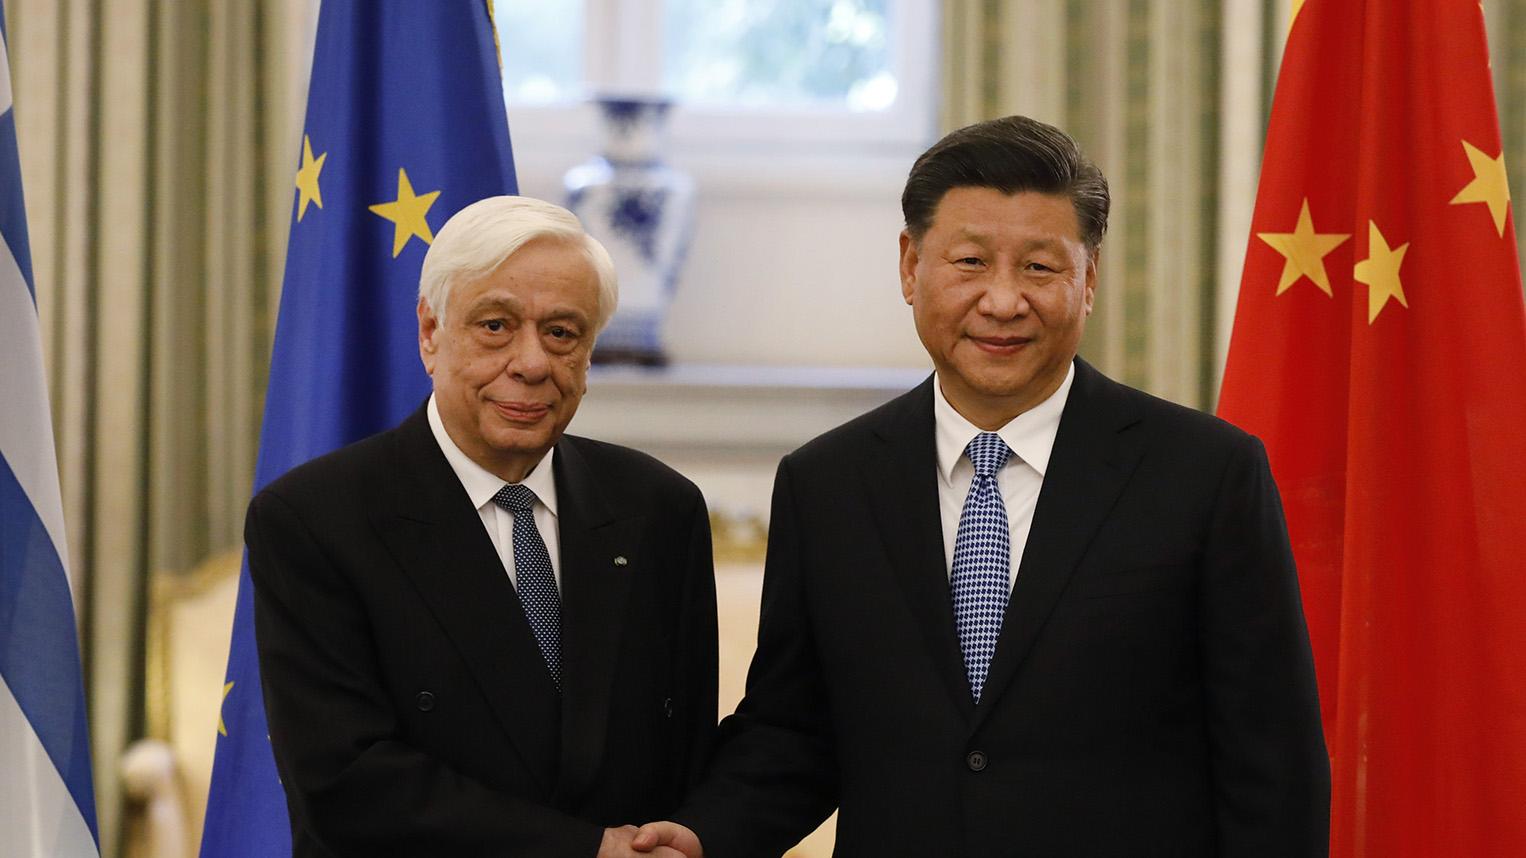 2019年11月11日,在四中全会之后不久,中国国家主席习近平出席外事活动。图为习近平(右)在雅典同希腊总统帕夫洛普洛斯握手。 (美联社)